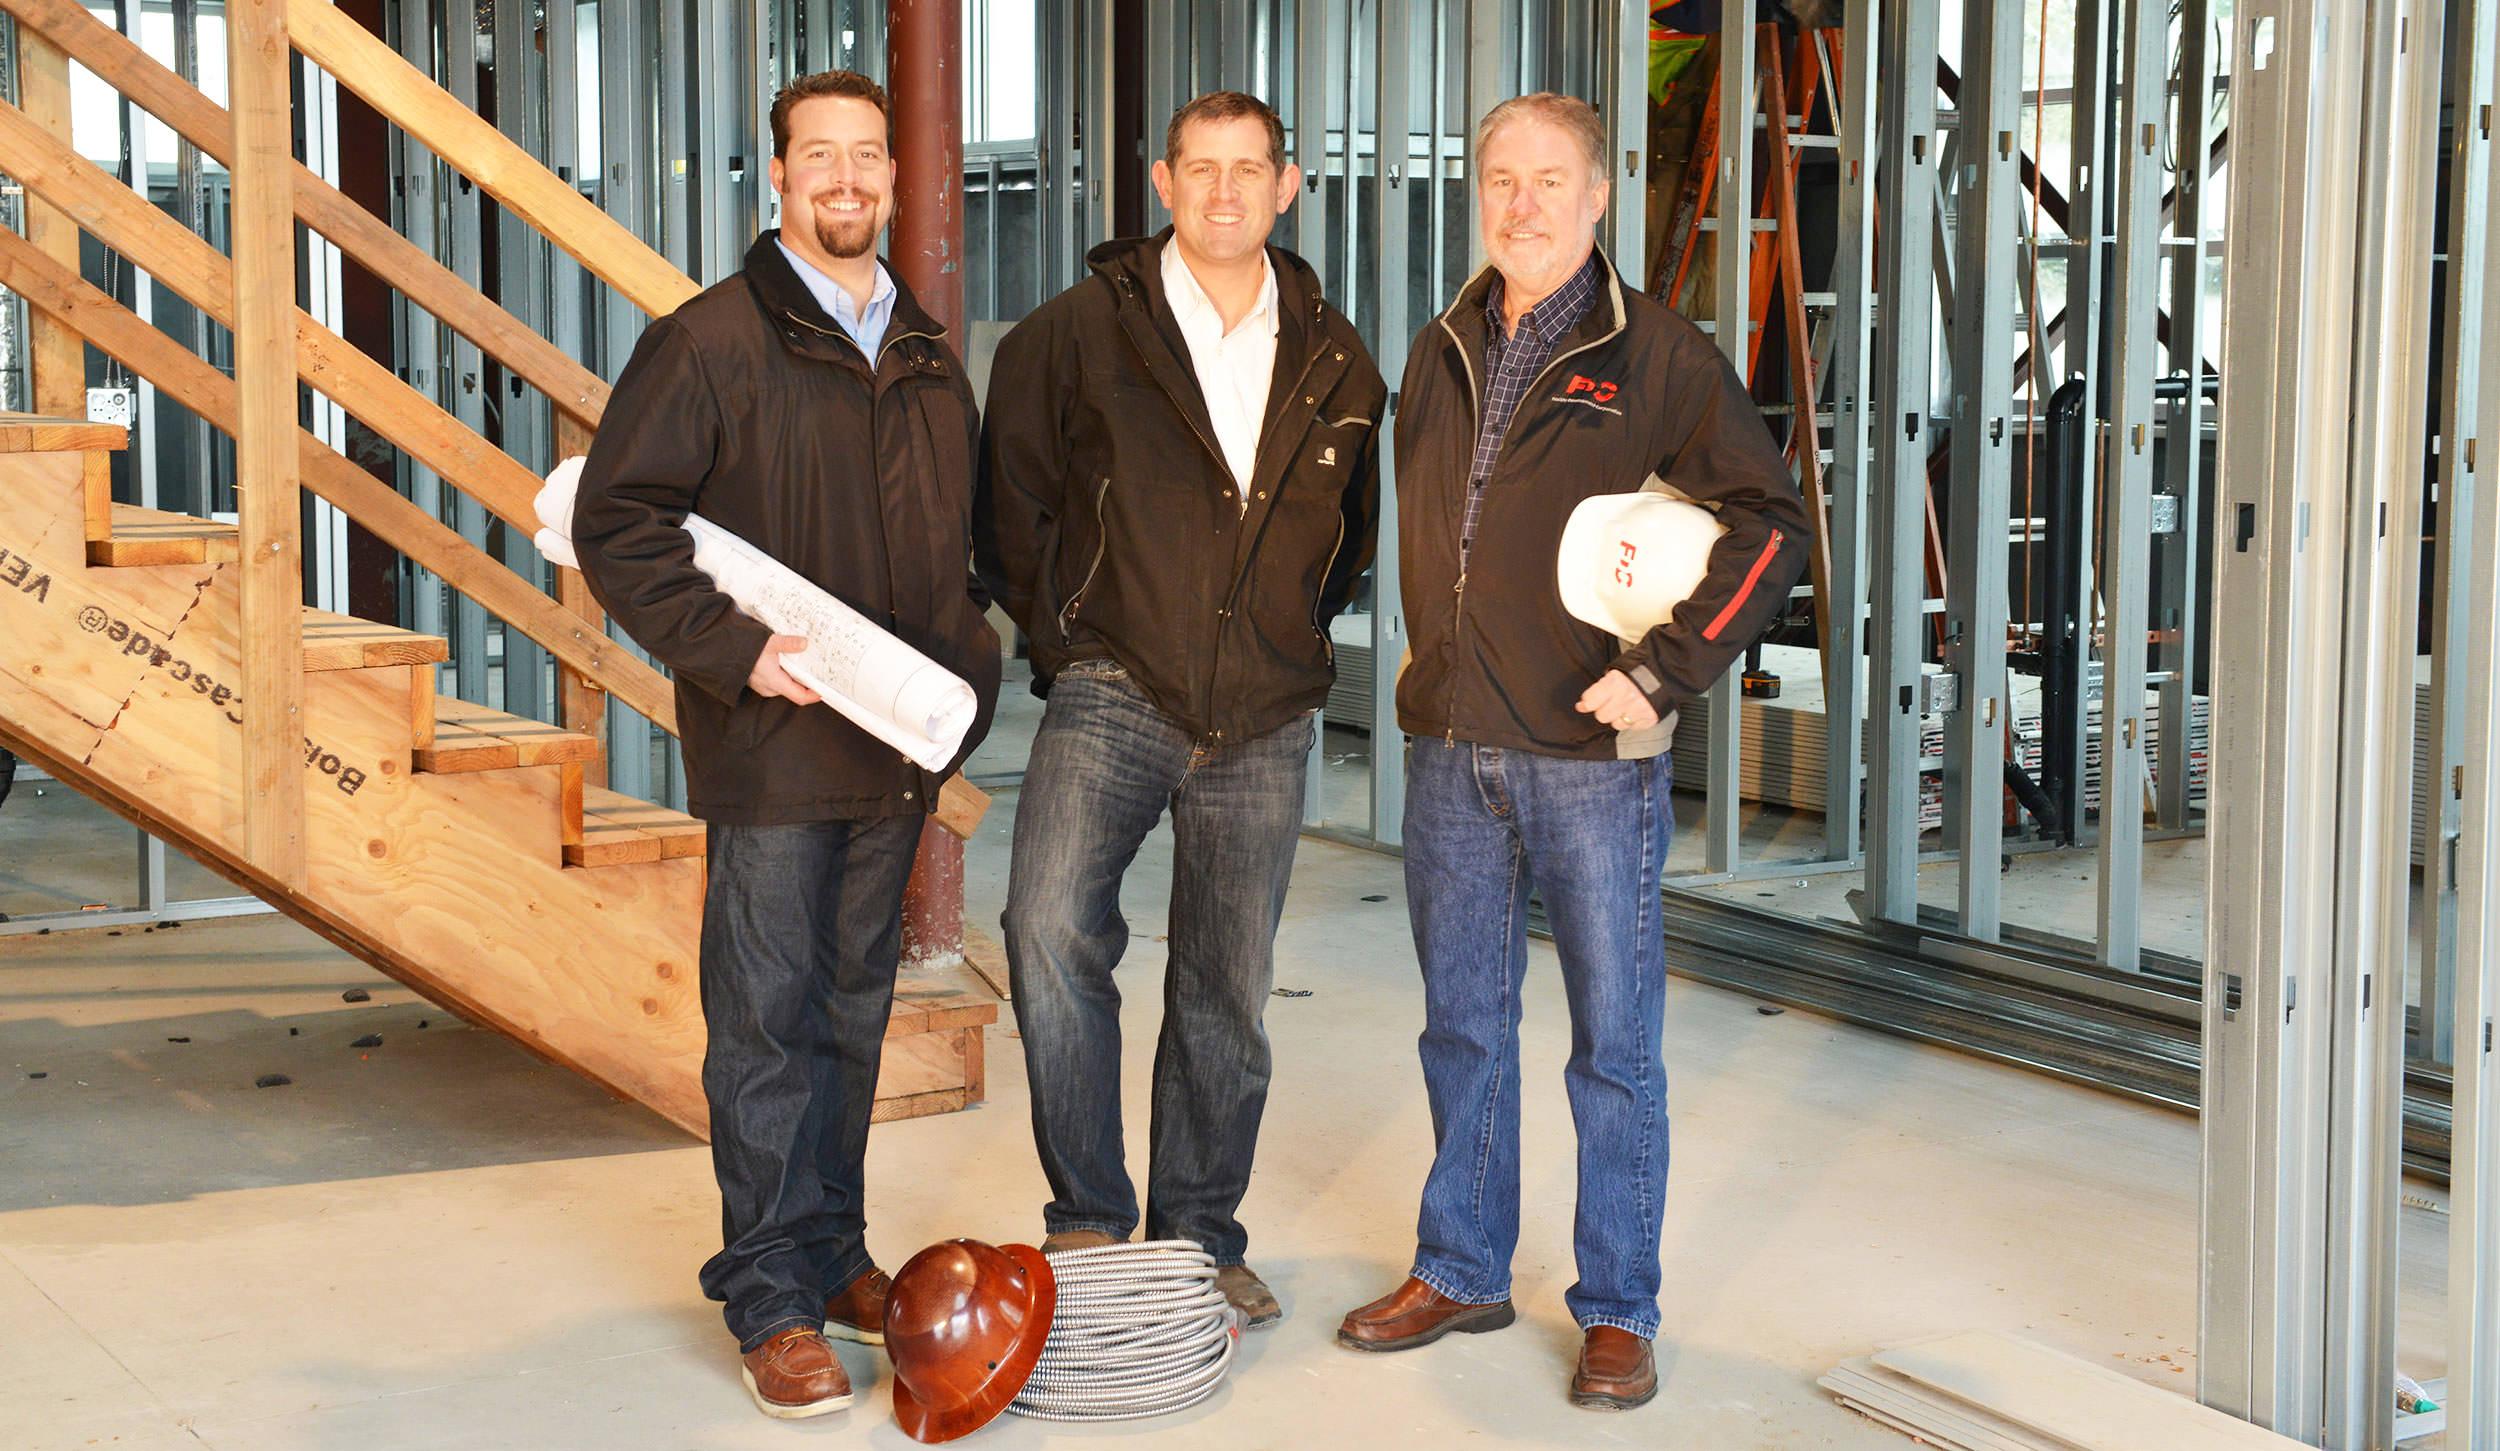 The FDC Team: Scott Kincade, Steve Kilgannon, and Dave Kincaid